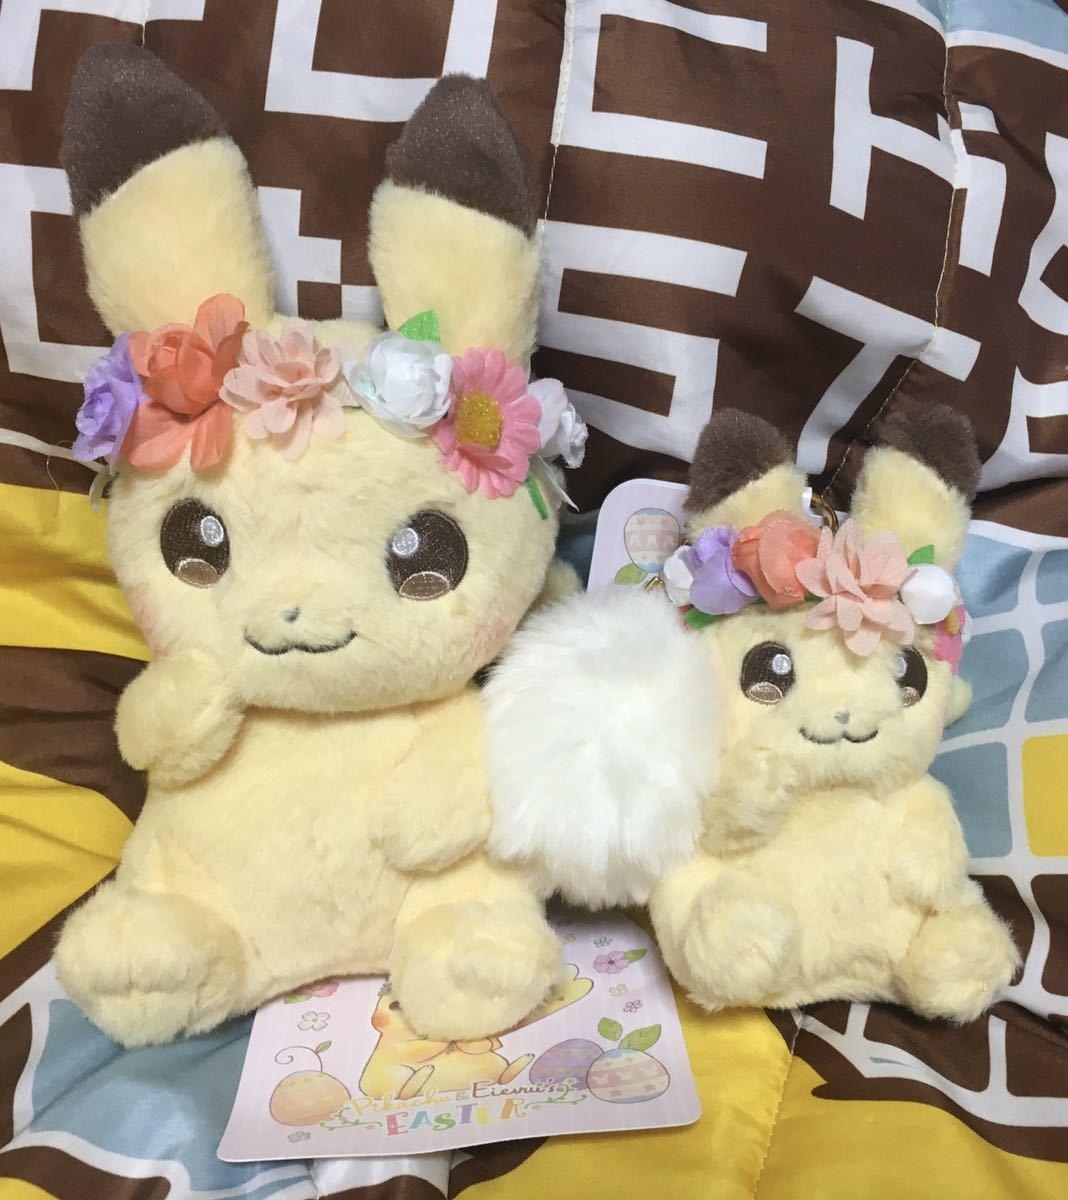 ポケットモンスター ぬいぐるみ チャーム付きマスコット Pikachu&Eievui's Easter ピカチュウ セット イースター ポケモンセンター限定_画像1